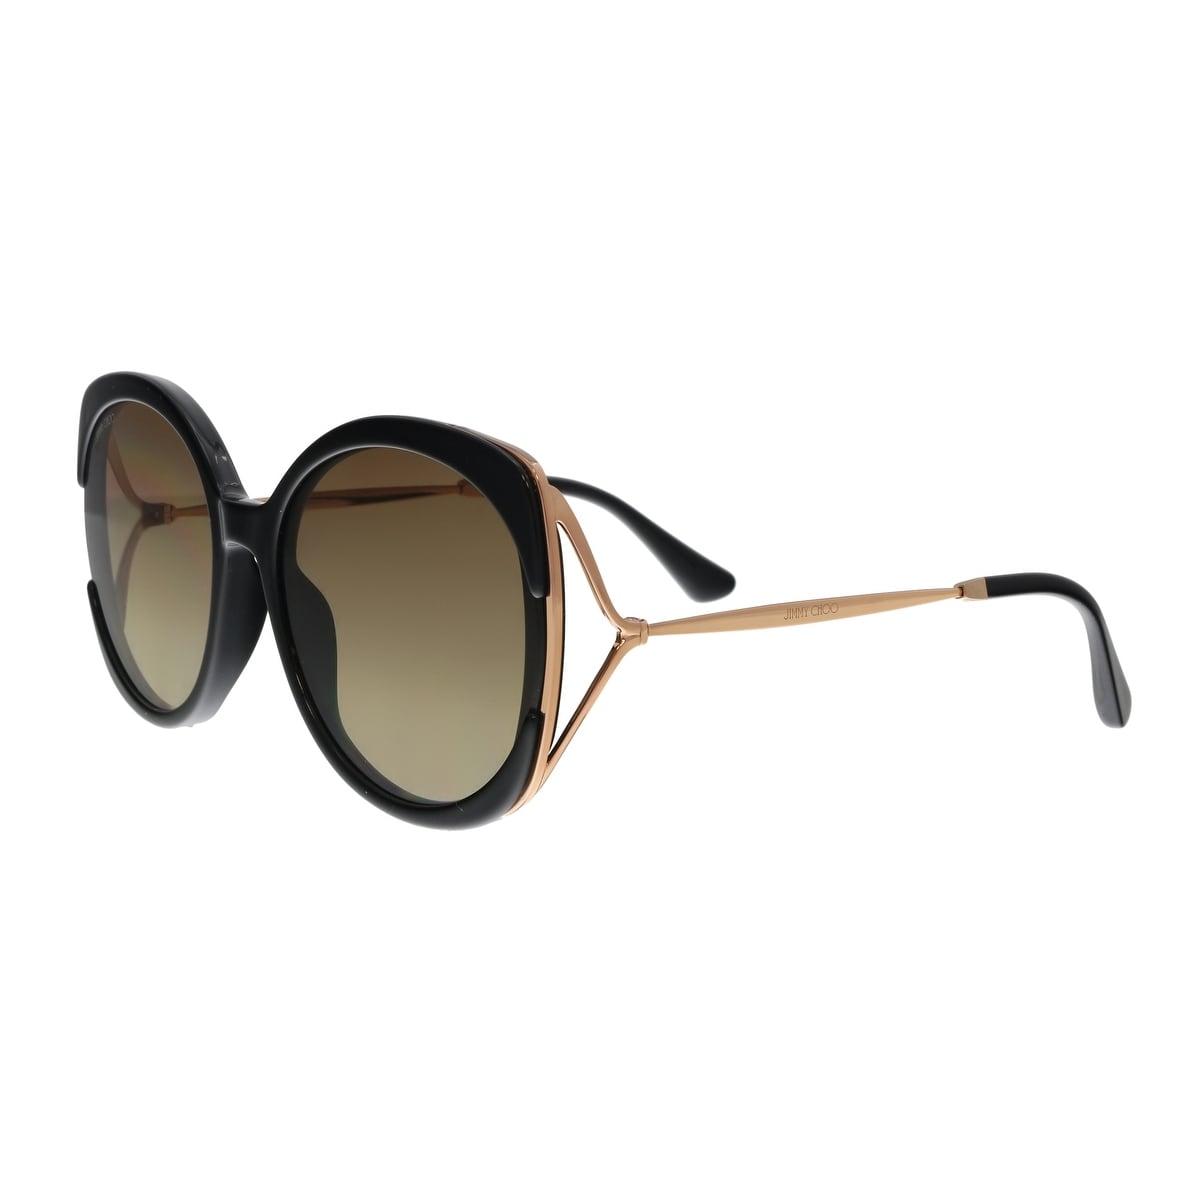 f922ac93d14 Jimmy Choo Sunglasses